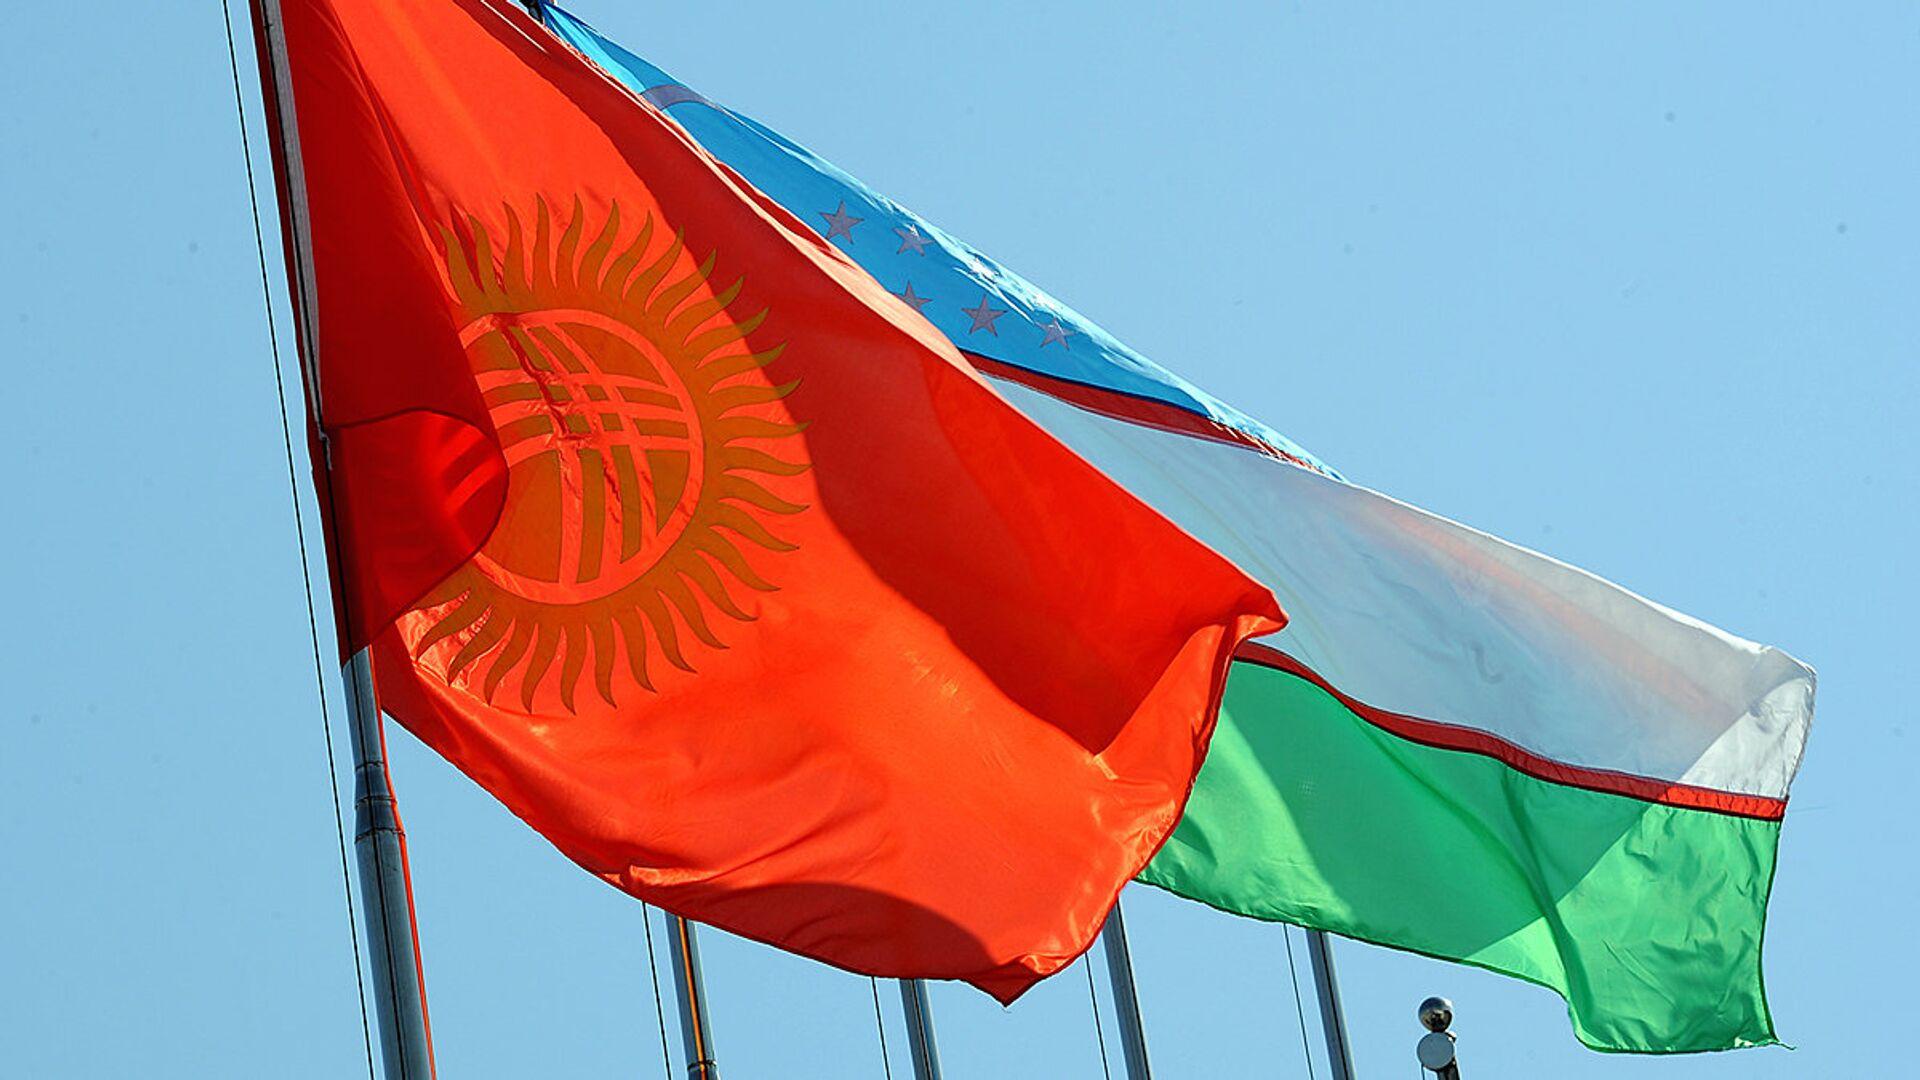 Флаги Кыргызстана и Узбекистана - Sputnik Узбекистан, 1920, 05.02.2021